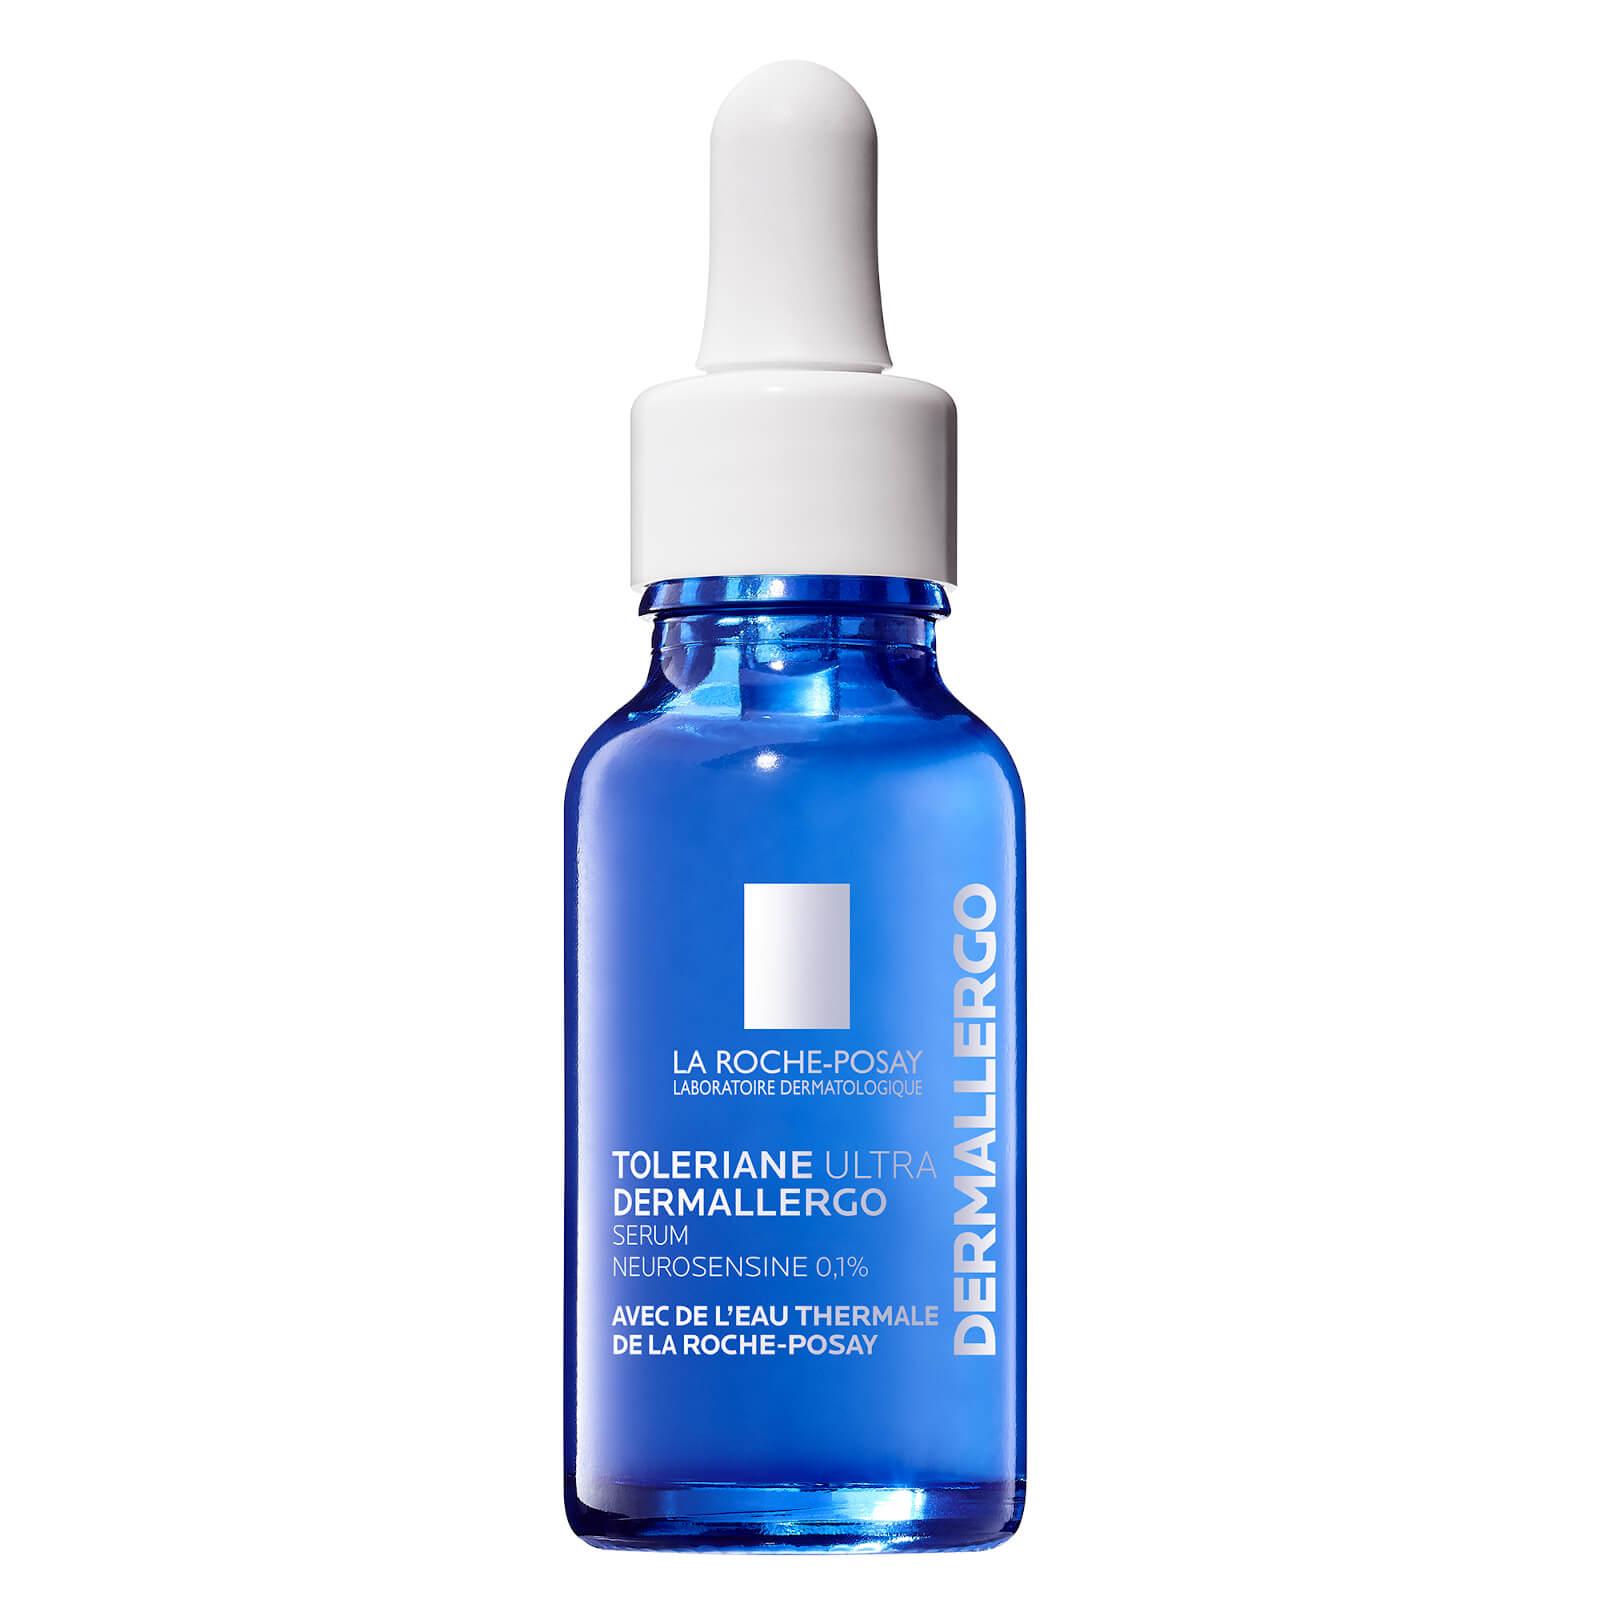 La Roche-Posay Toleriane Ultra Dermallergo Soothing Serum 20ml